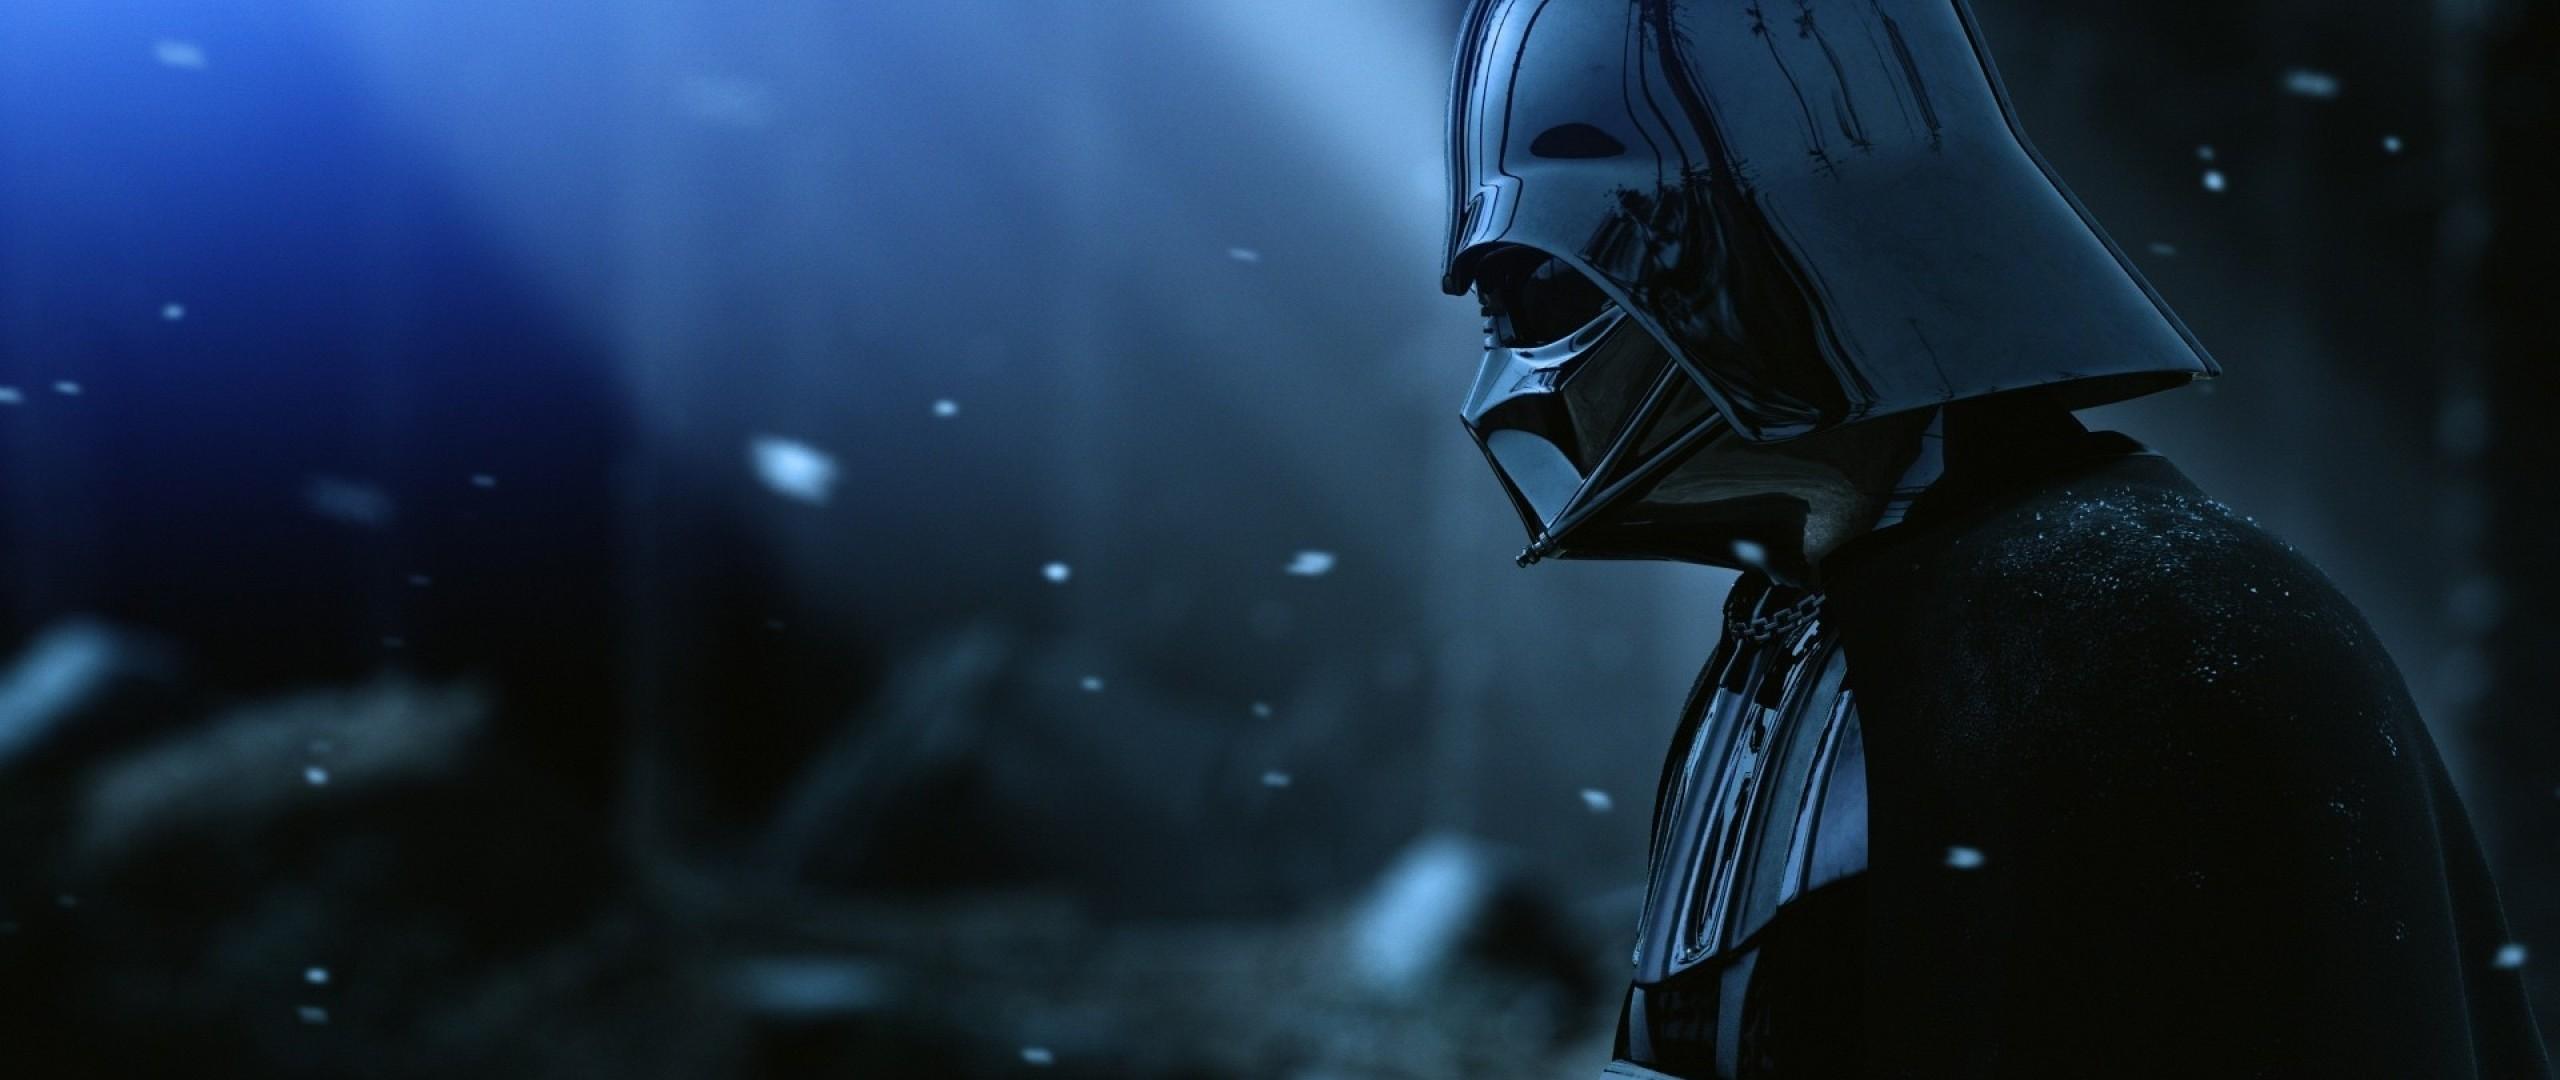 Wallpaper darth vader, armor, star wars, film, hat, snow